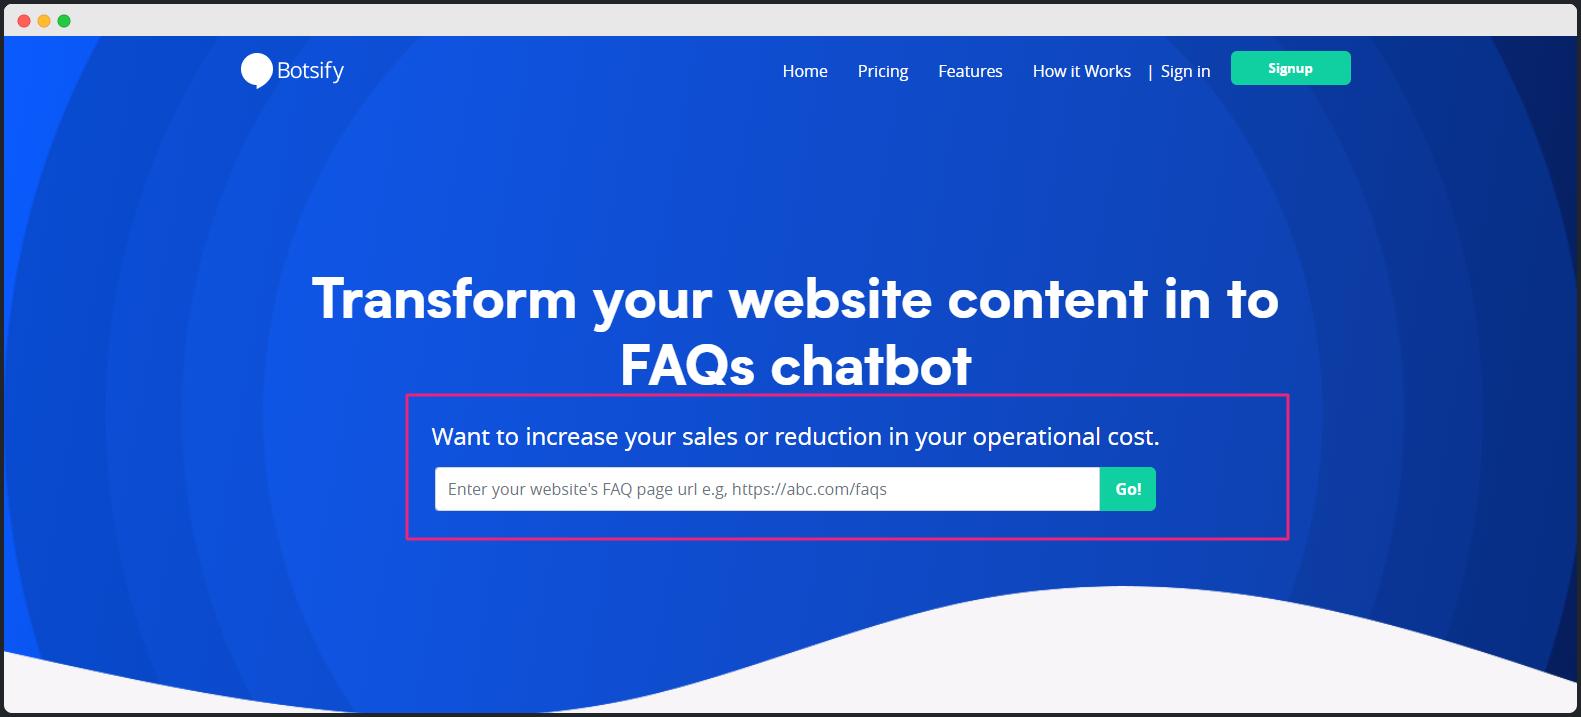 Botsify FAQbot sign up page